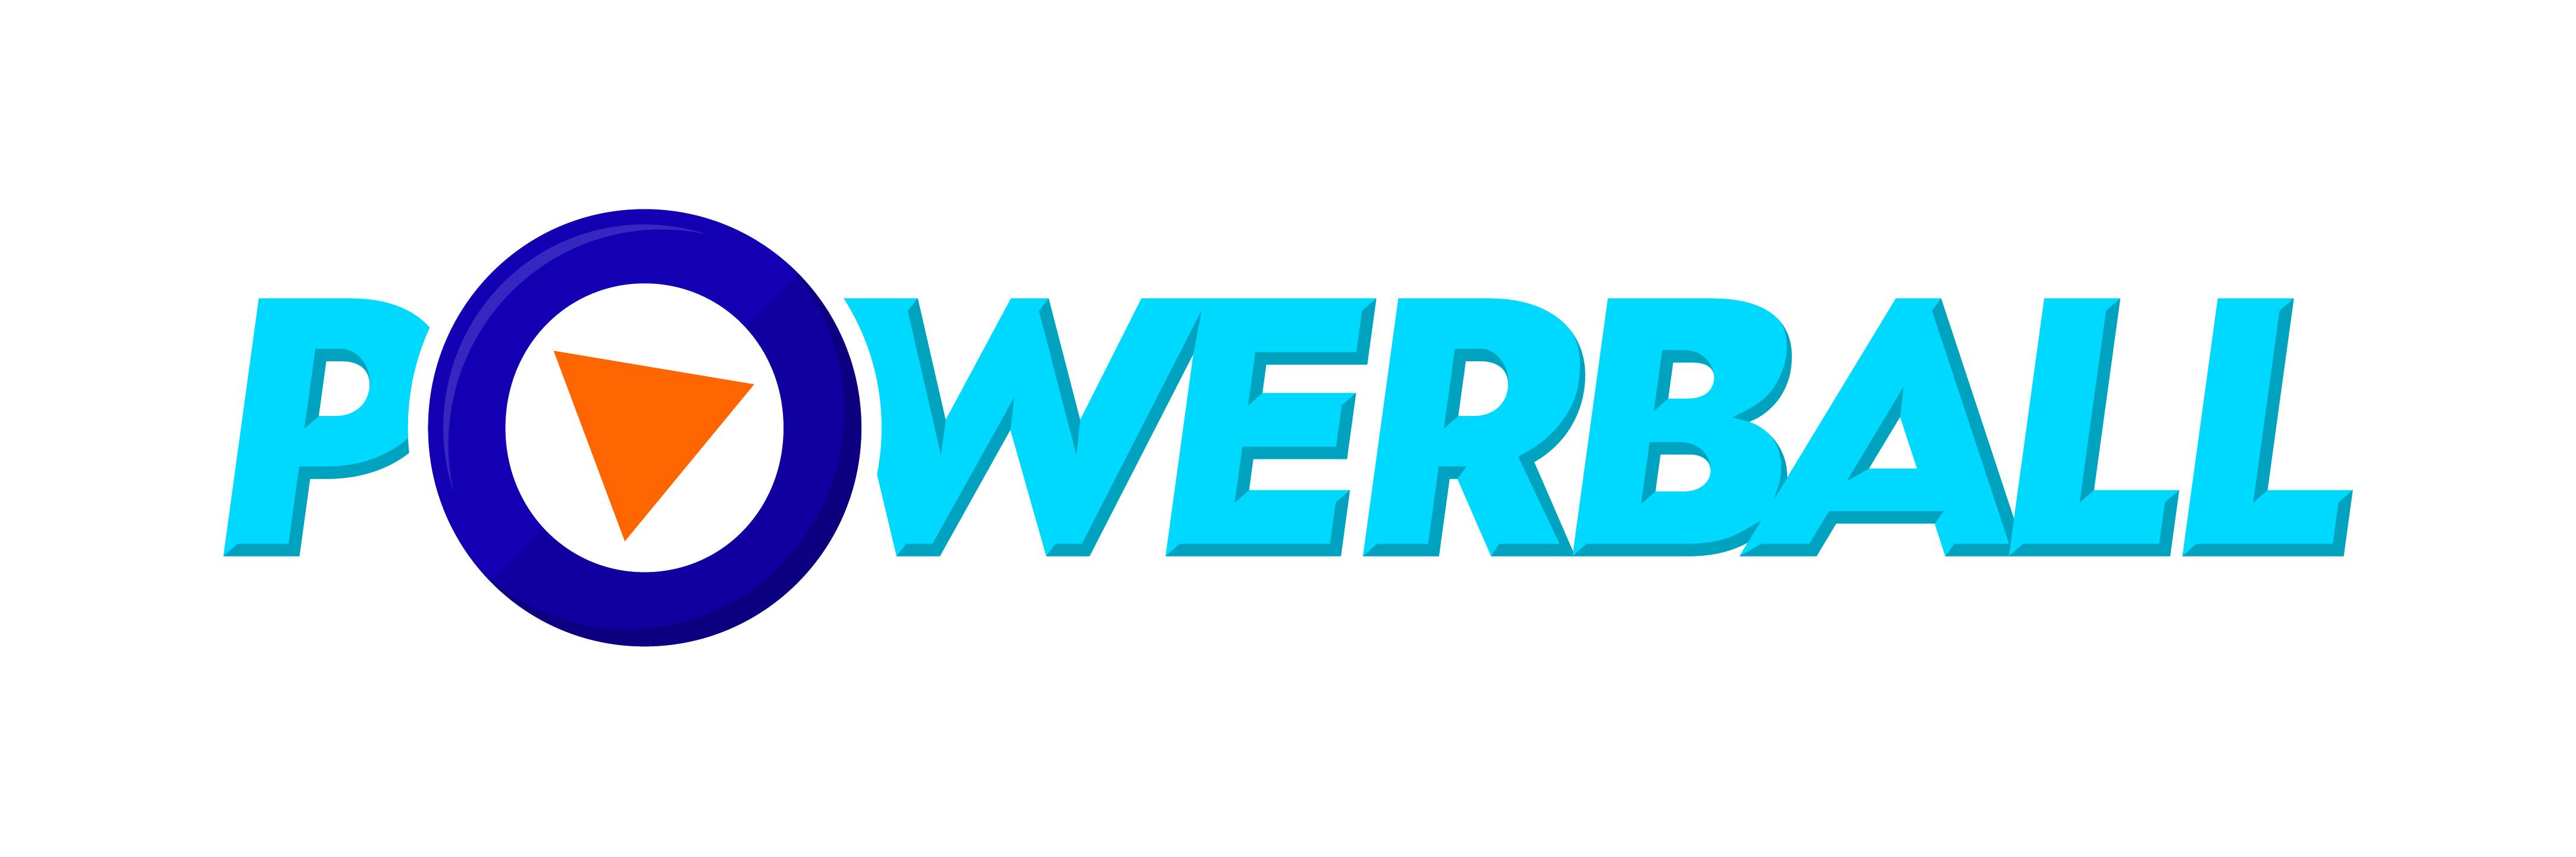 Jugar al Powerball de Nueva Zelanda en línea